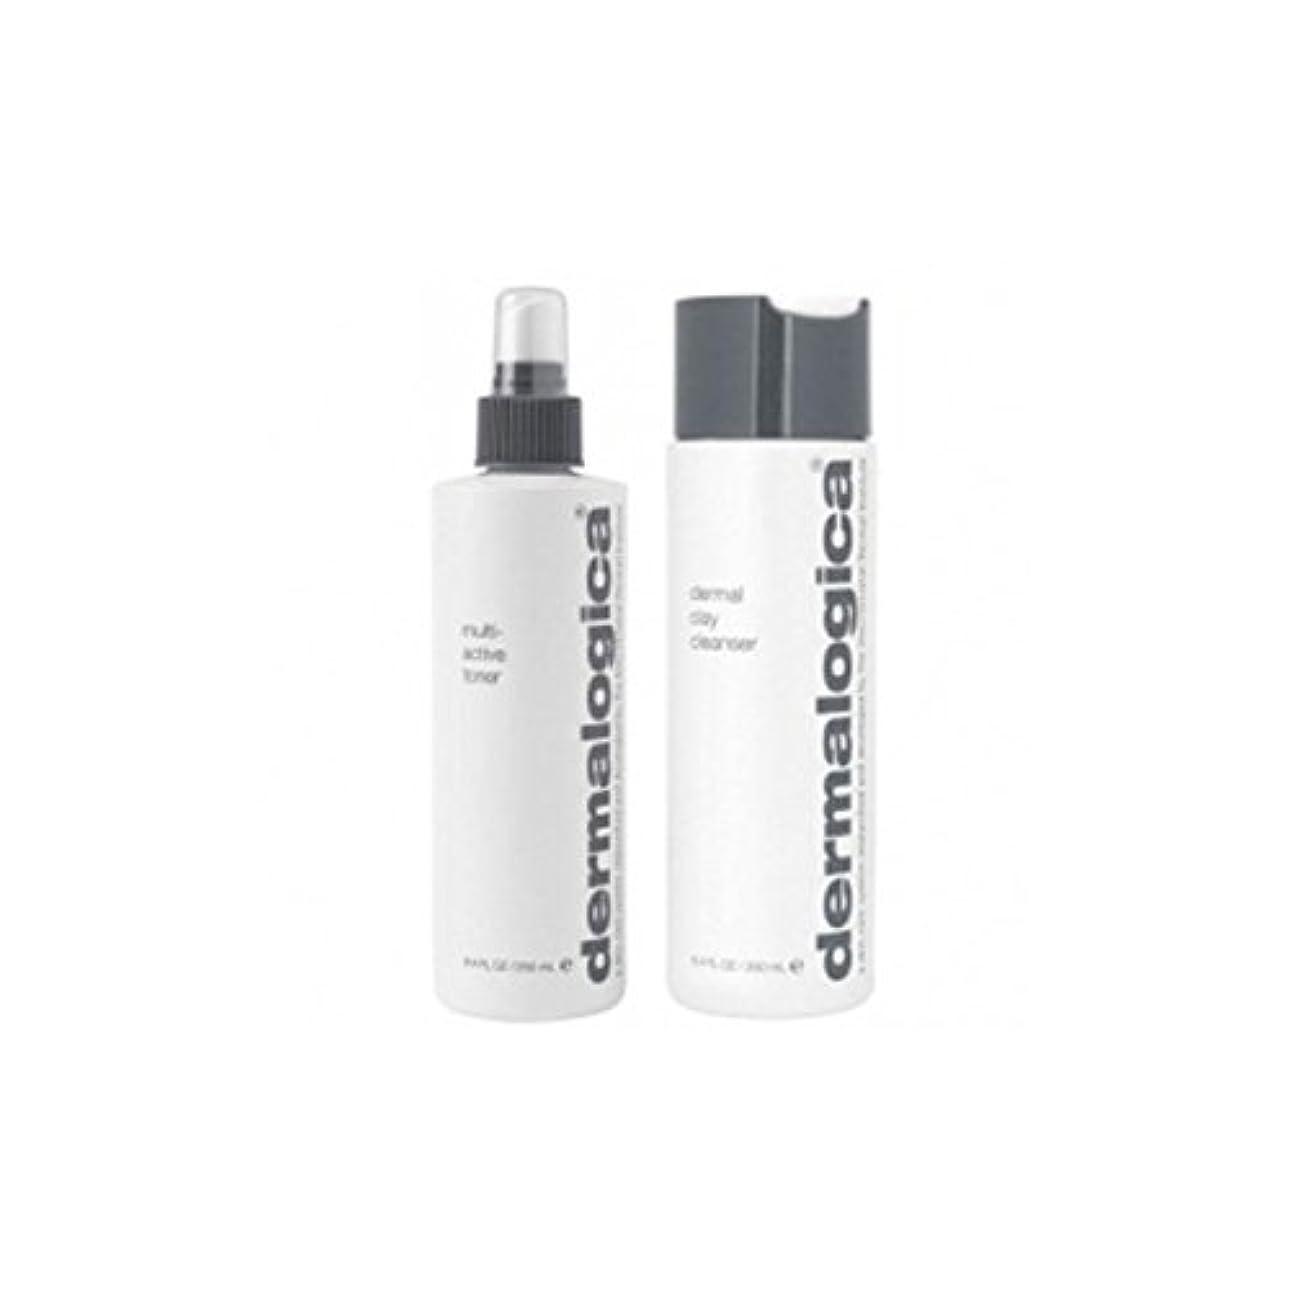 忘れっぽい染色遊具ダーマロジカクレンジング&トーンデュオ - 脂性肌(2製品) x4 - Dermalogica Cleanse & Tone Duo - Oily Skin (2 Products) (Pack of 4) [並行輸入品]